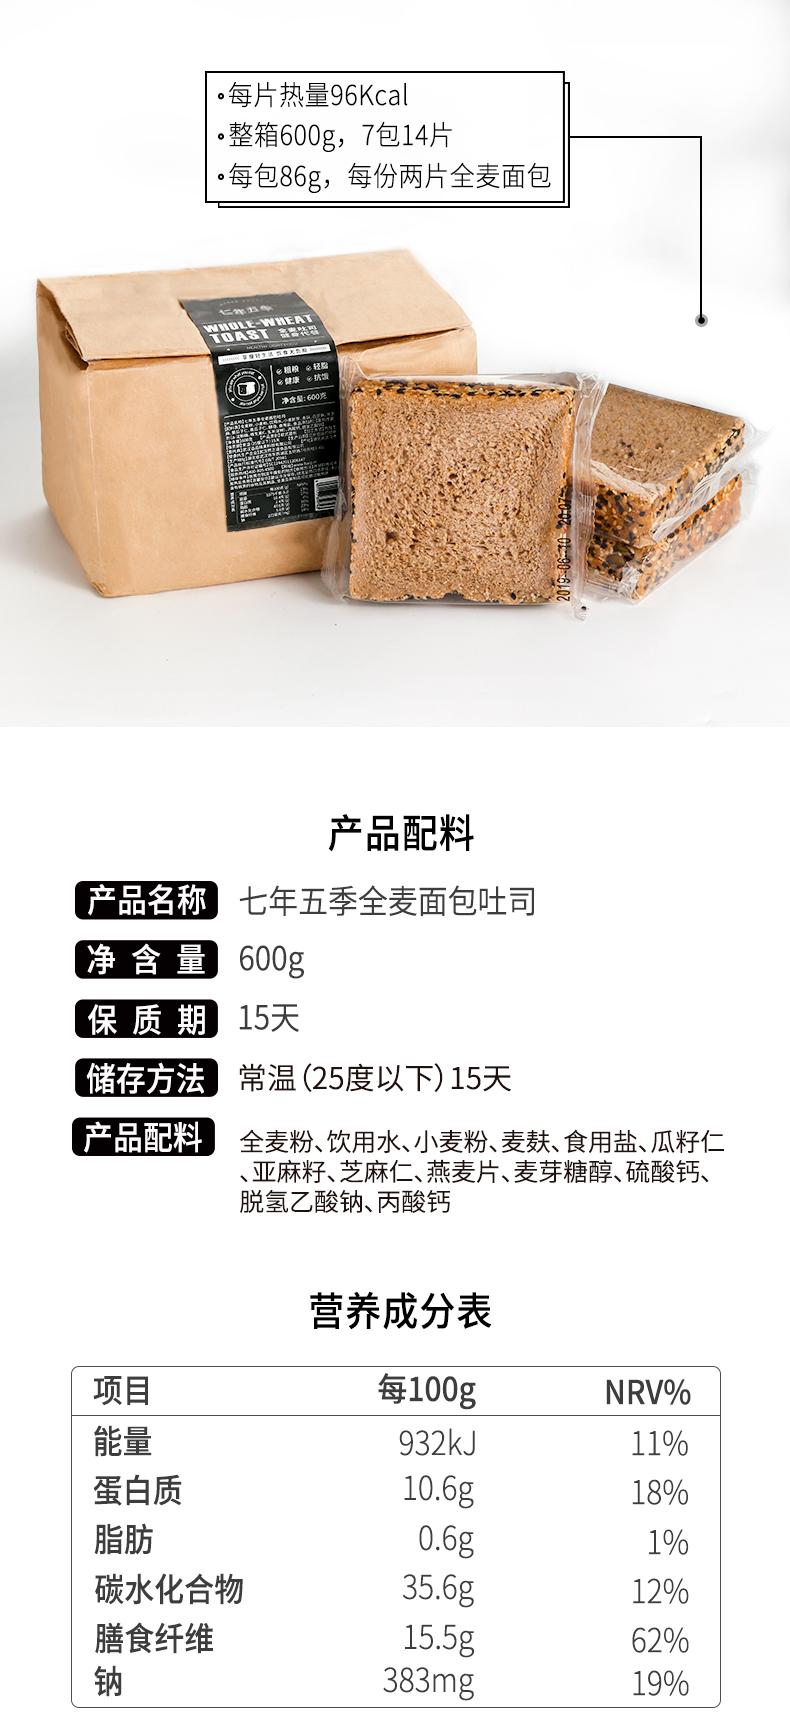 零脂低卡 600gx2箱 七年五季 全麦面包切片 券后39.85元包邮 买手党-买手聚集的地方